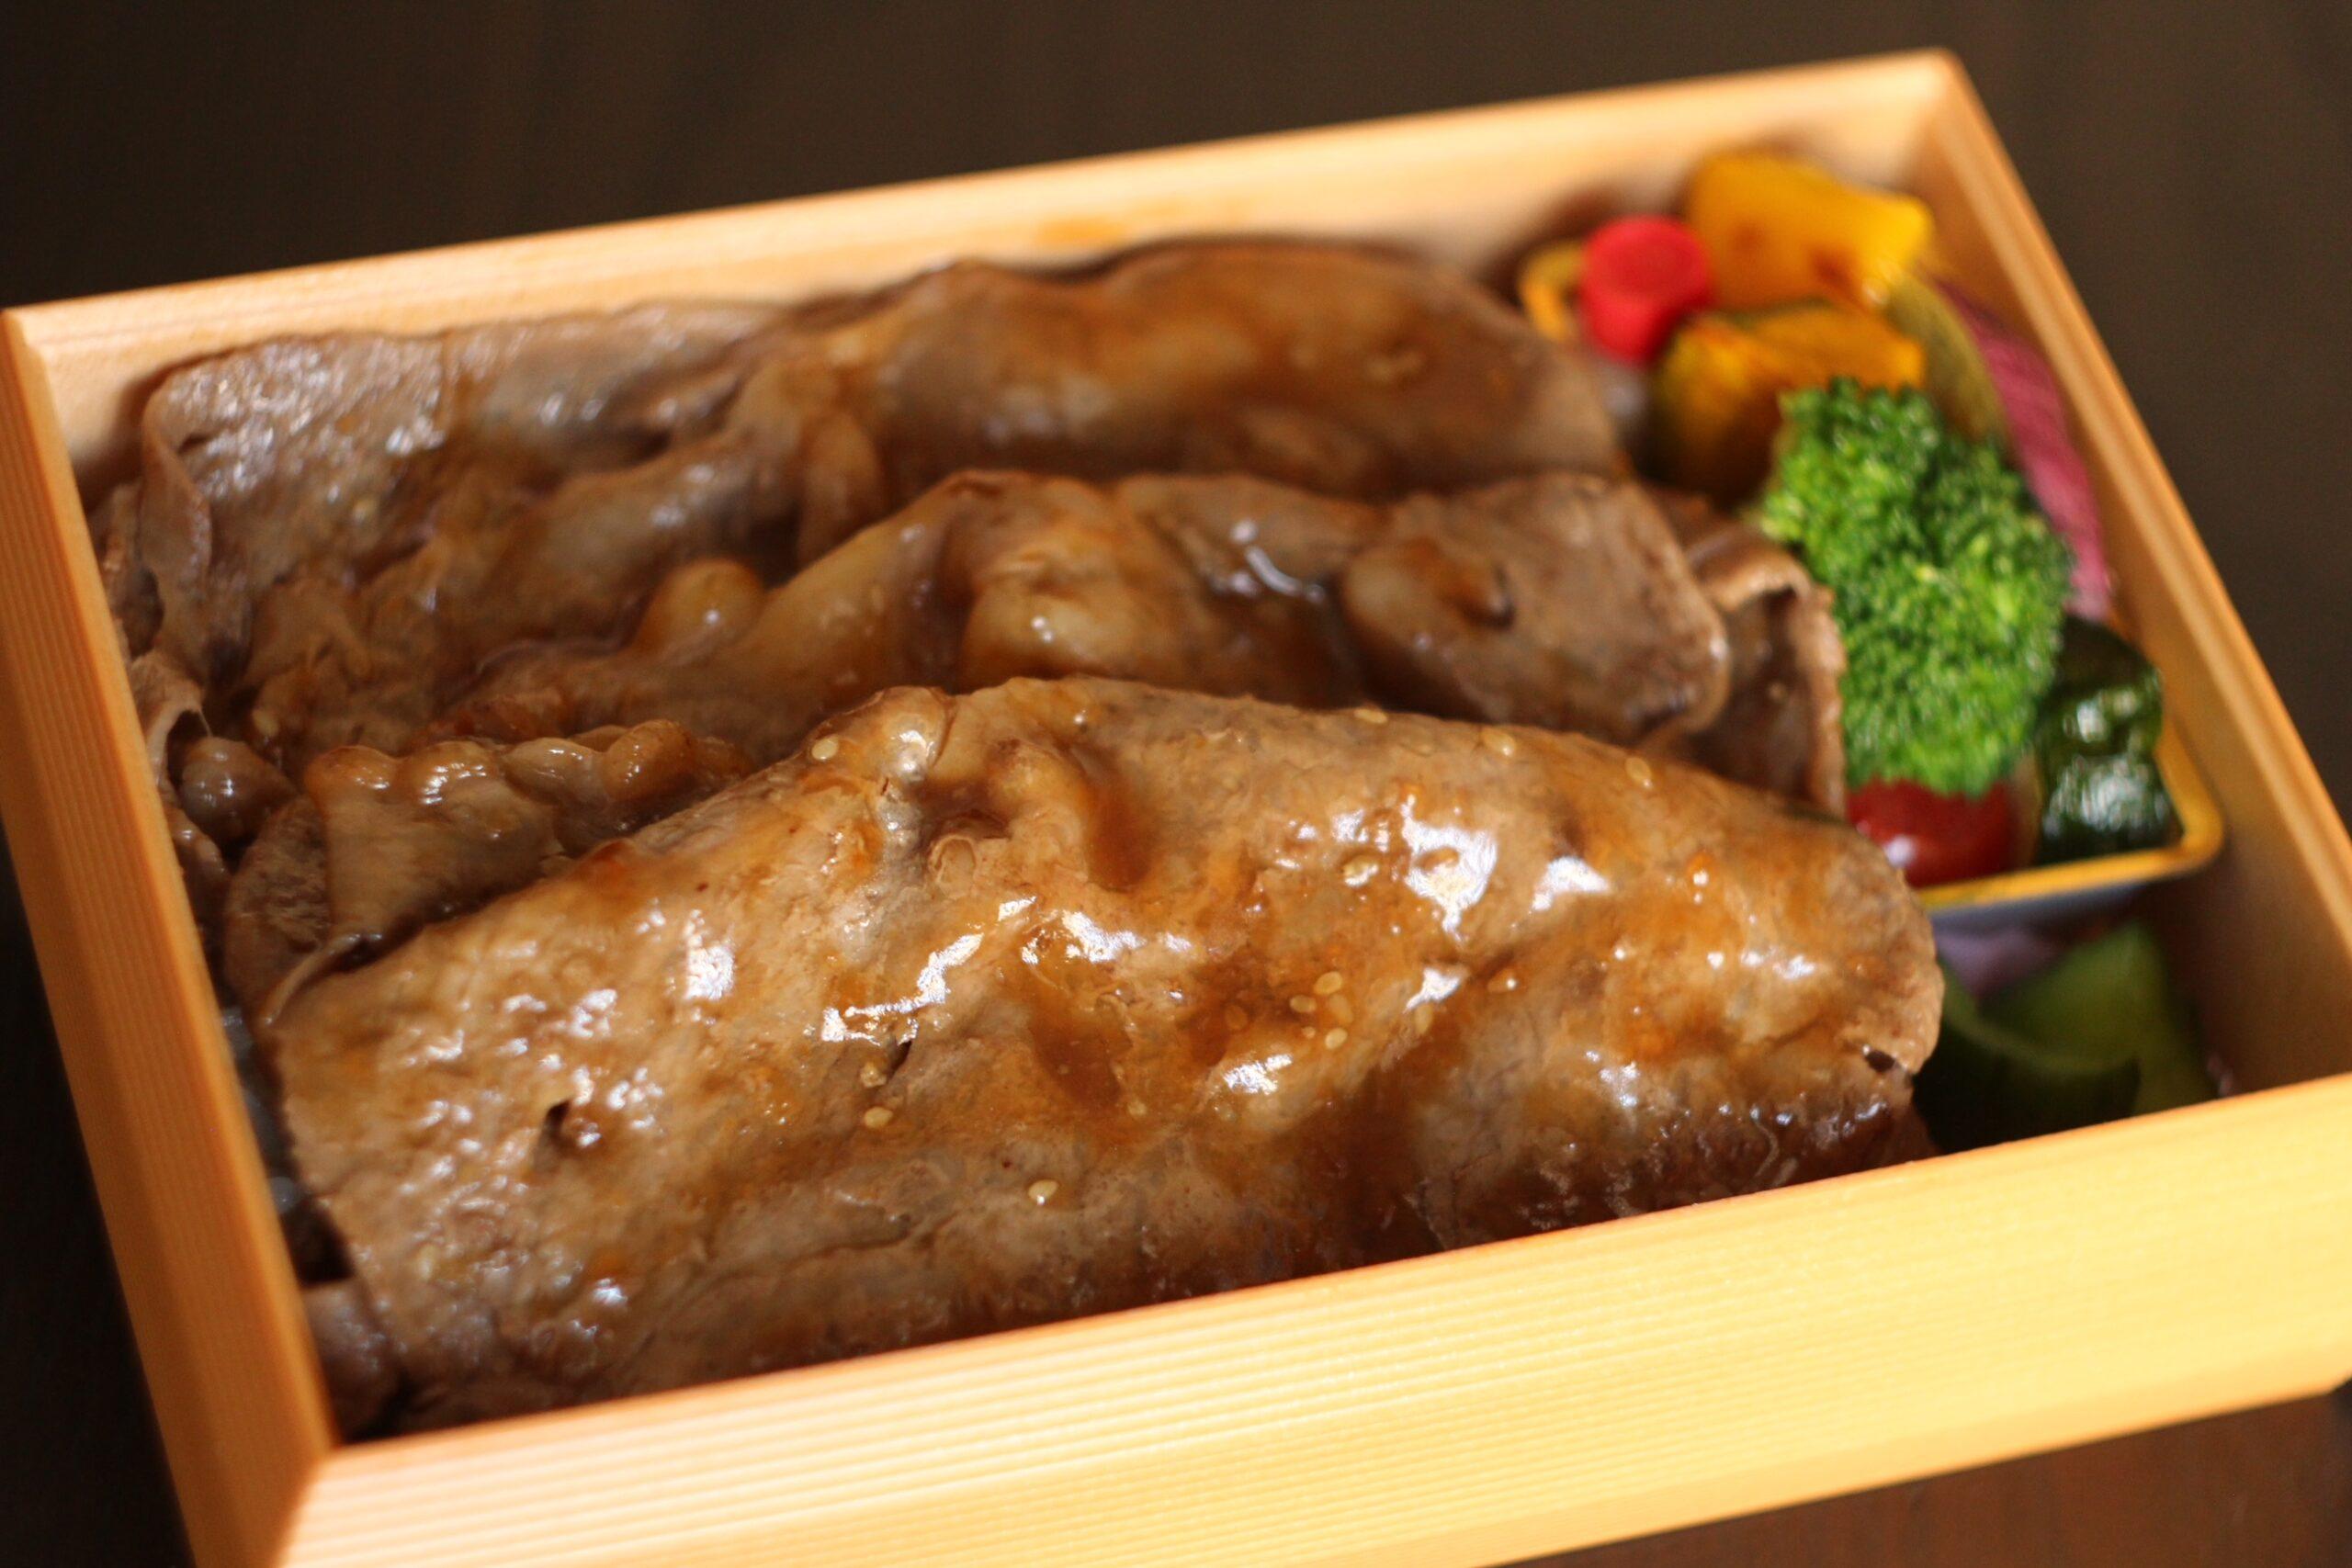 【霧降高原牛薄切りステーキ弁当】2,700円<p>霧降高原牛の薄切りステーキと 旬のお野菜の御弁当です。</p>